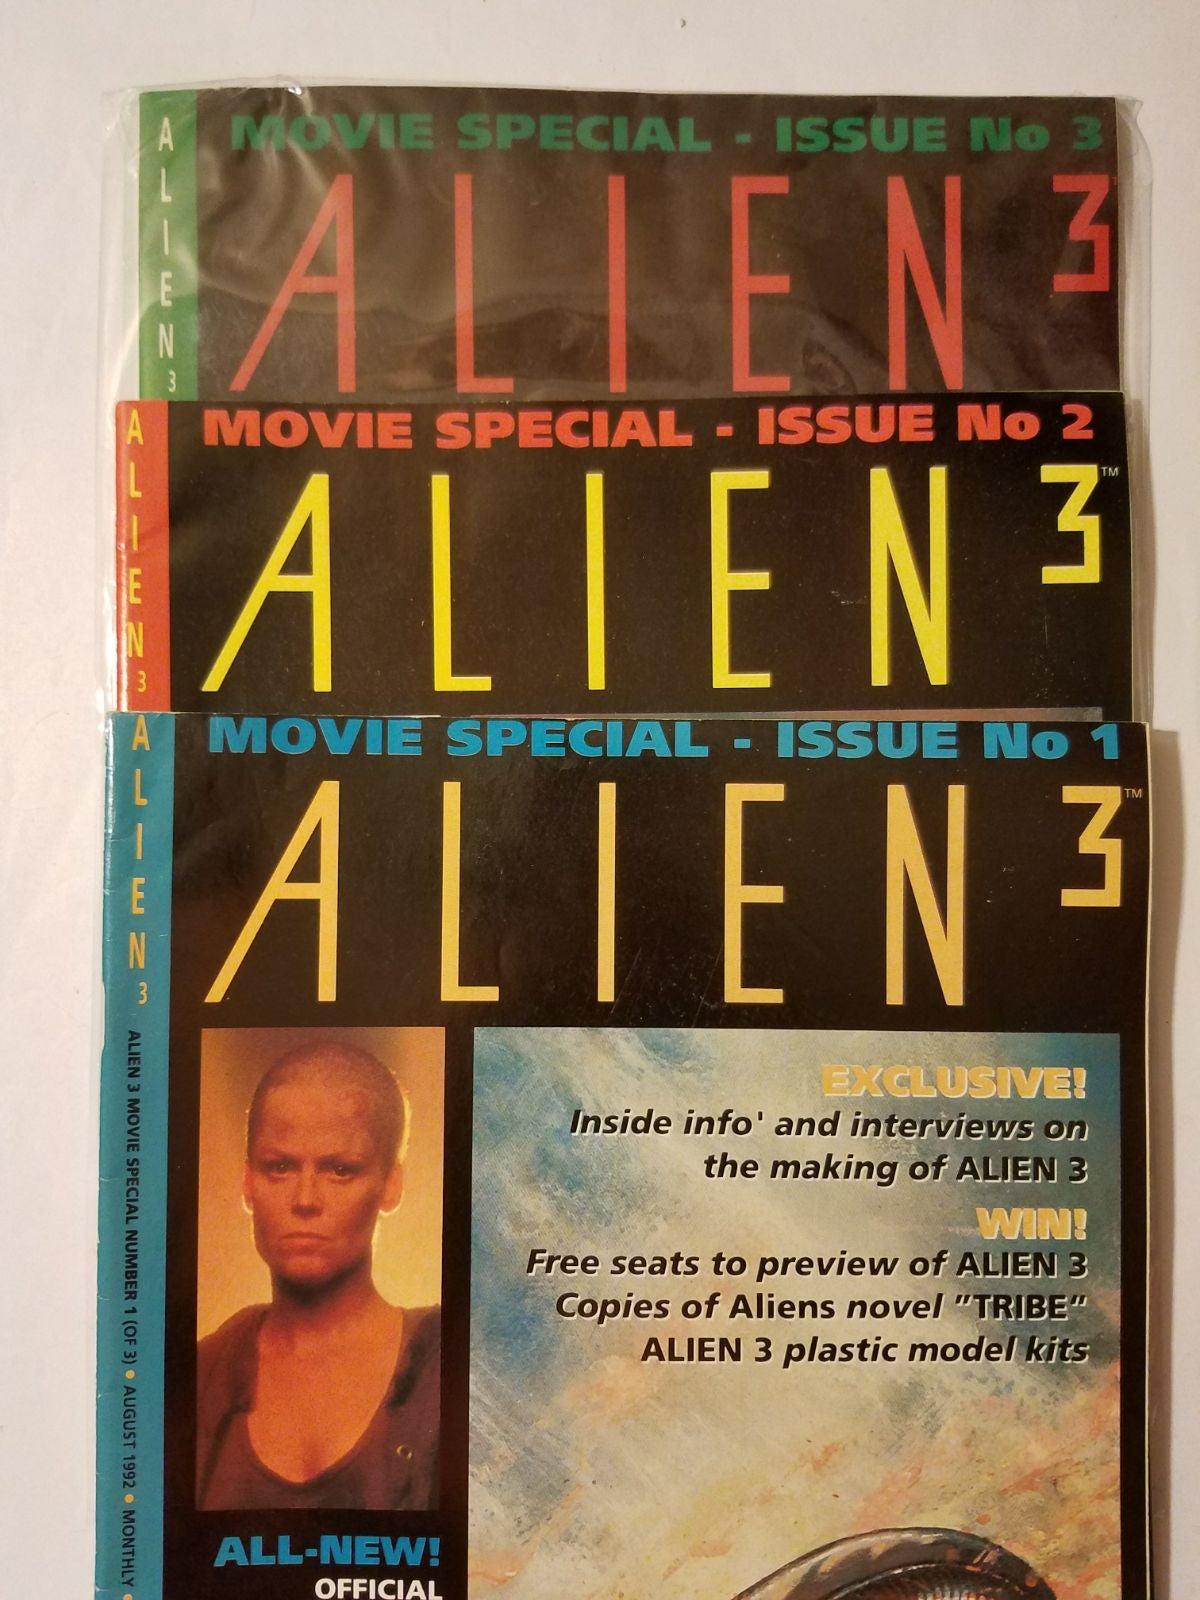 Alien 3 Dark Horse movie magazine specia